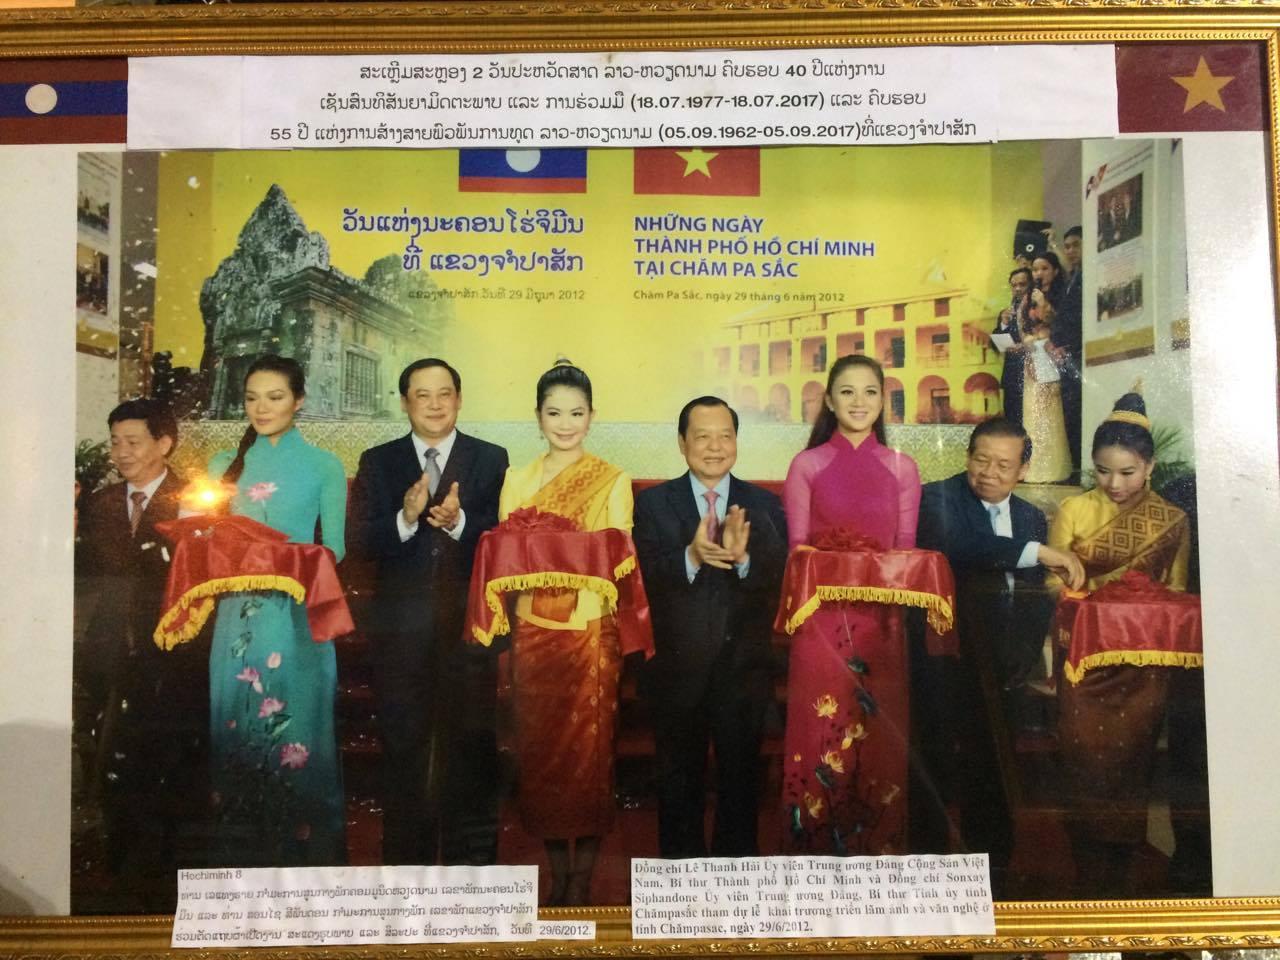 ลาว-เวียดนาม งานนิทรรศการฉลองความสัมพันธ์ทางการทูต ครบรอบ 55 ปี